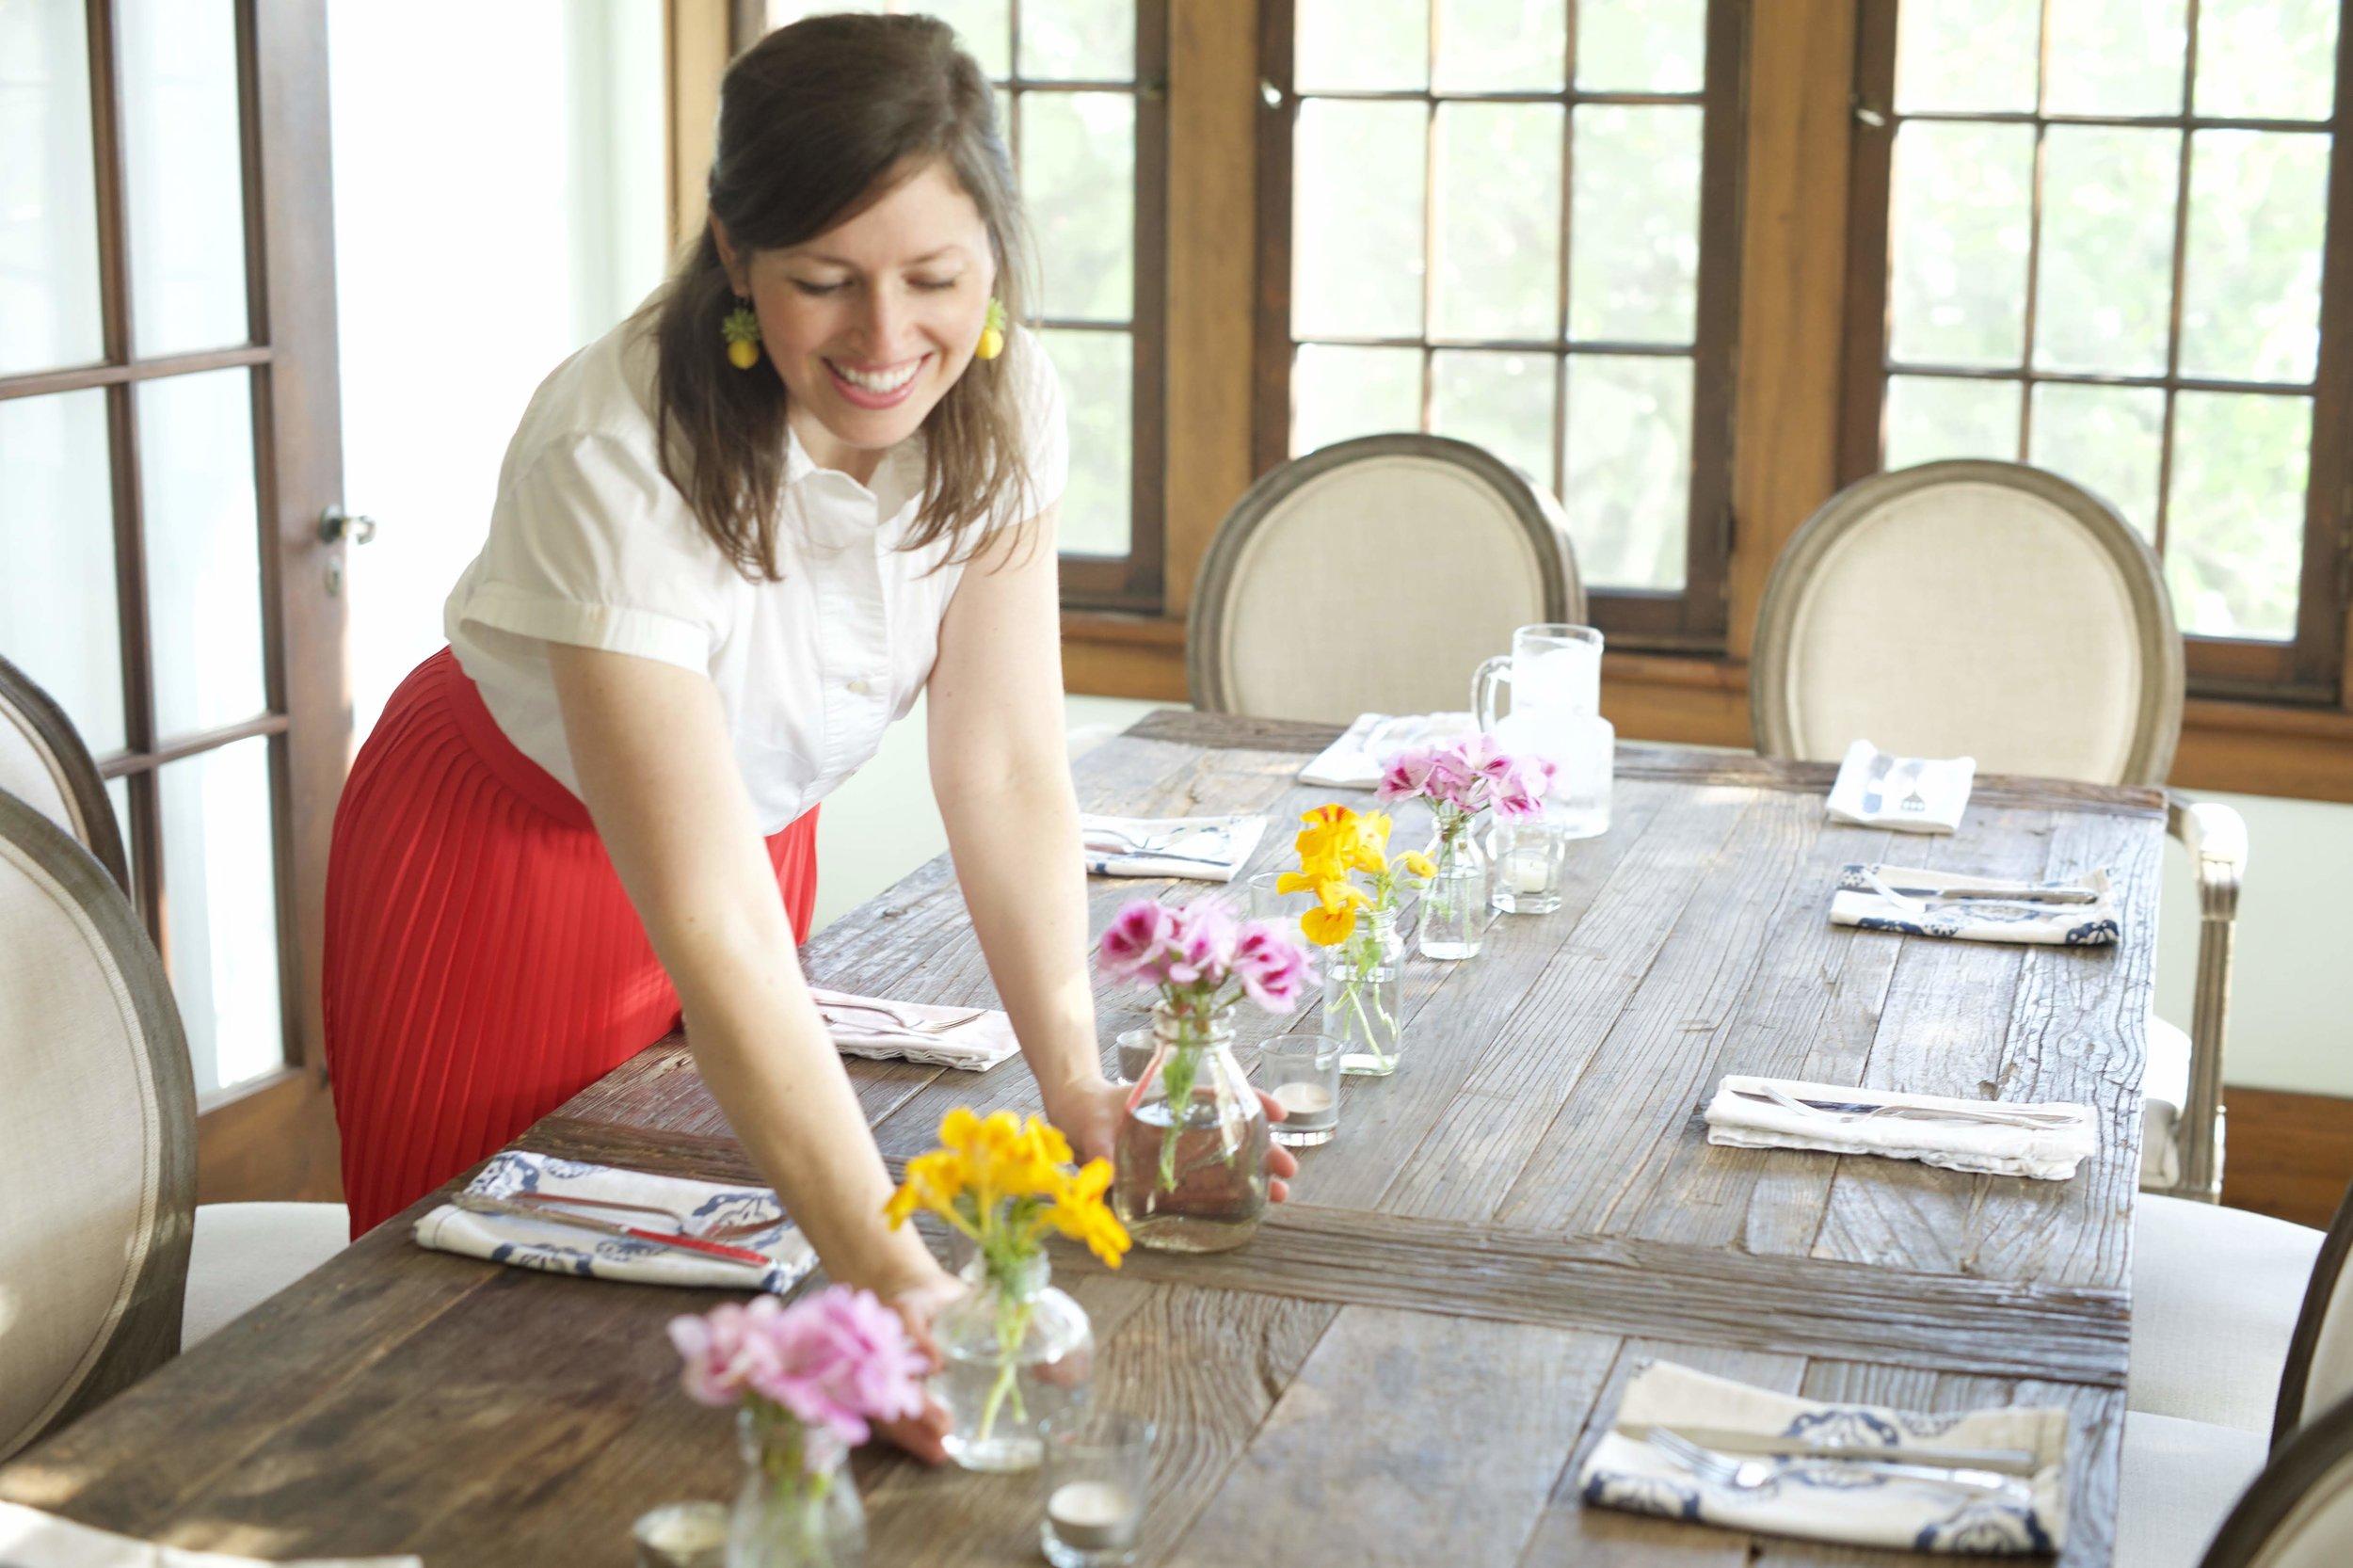 SEE-LA x Kitchen Table_4-25-19_MNB_3.jpg